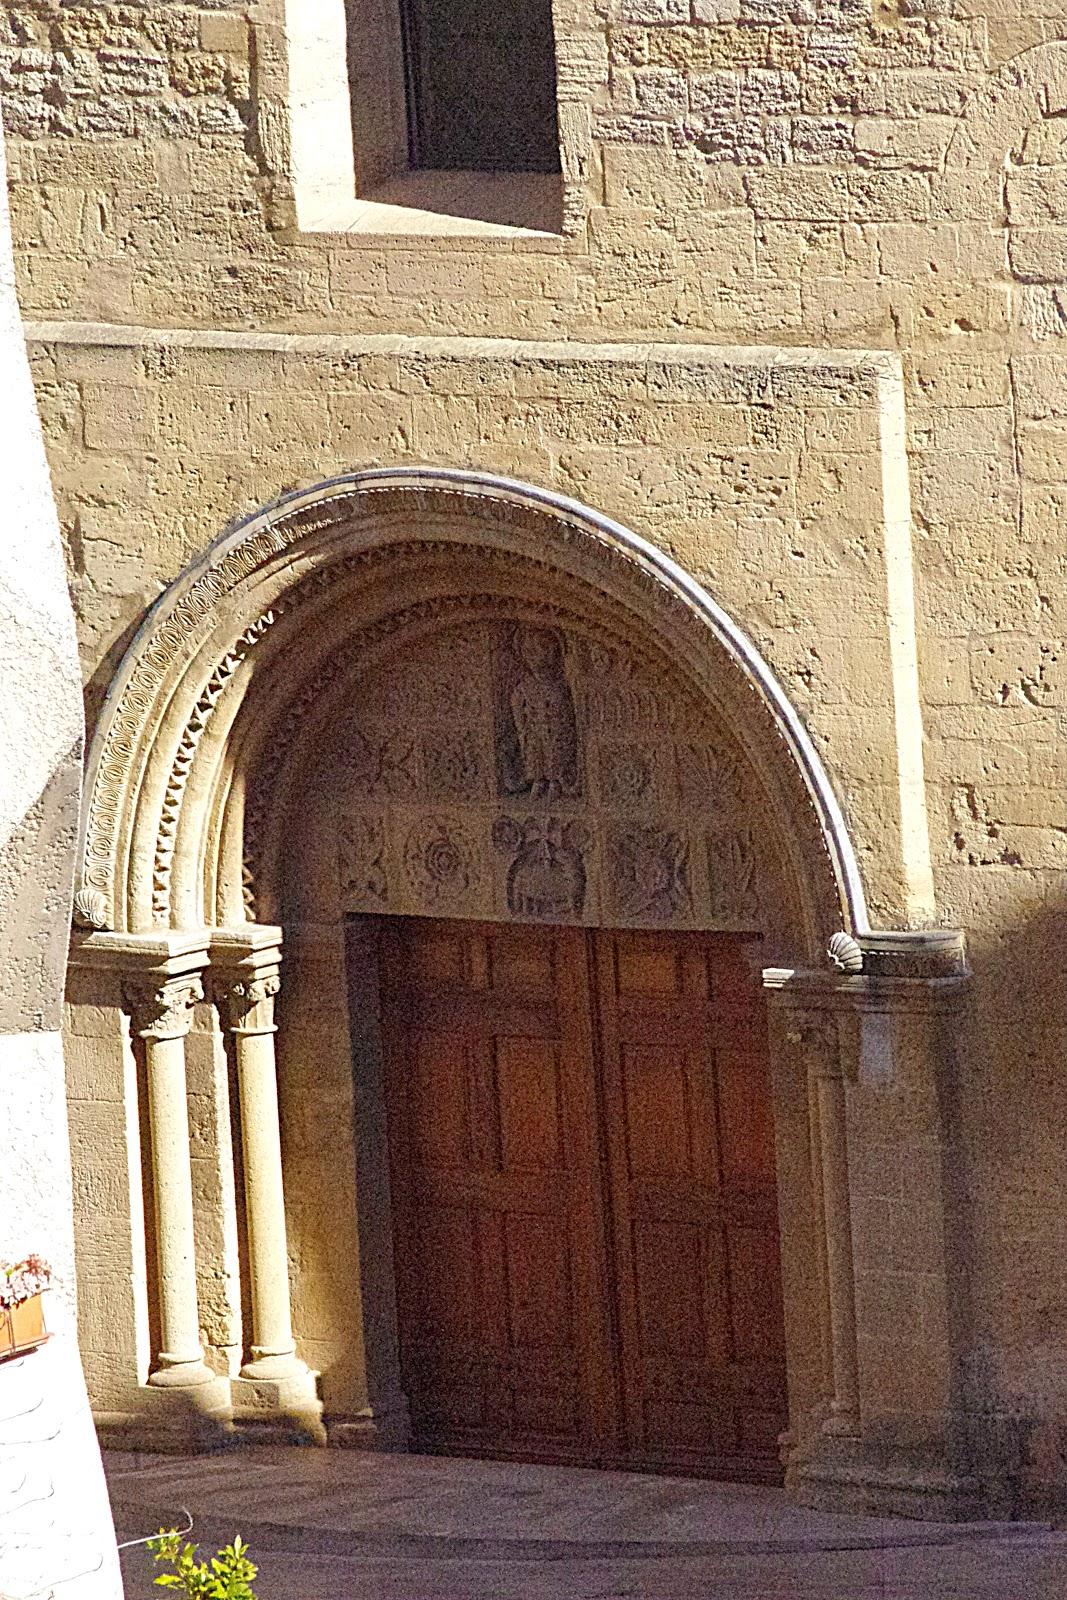 Salon de provence saint michel art roman corse provence - Allocine salon de provence les arcades ...